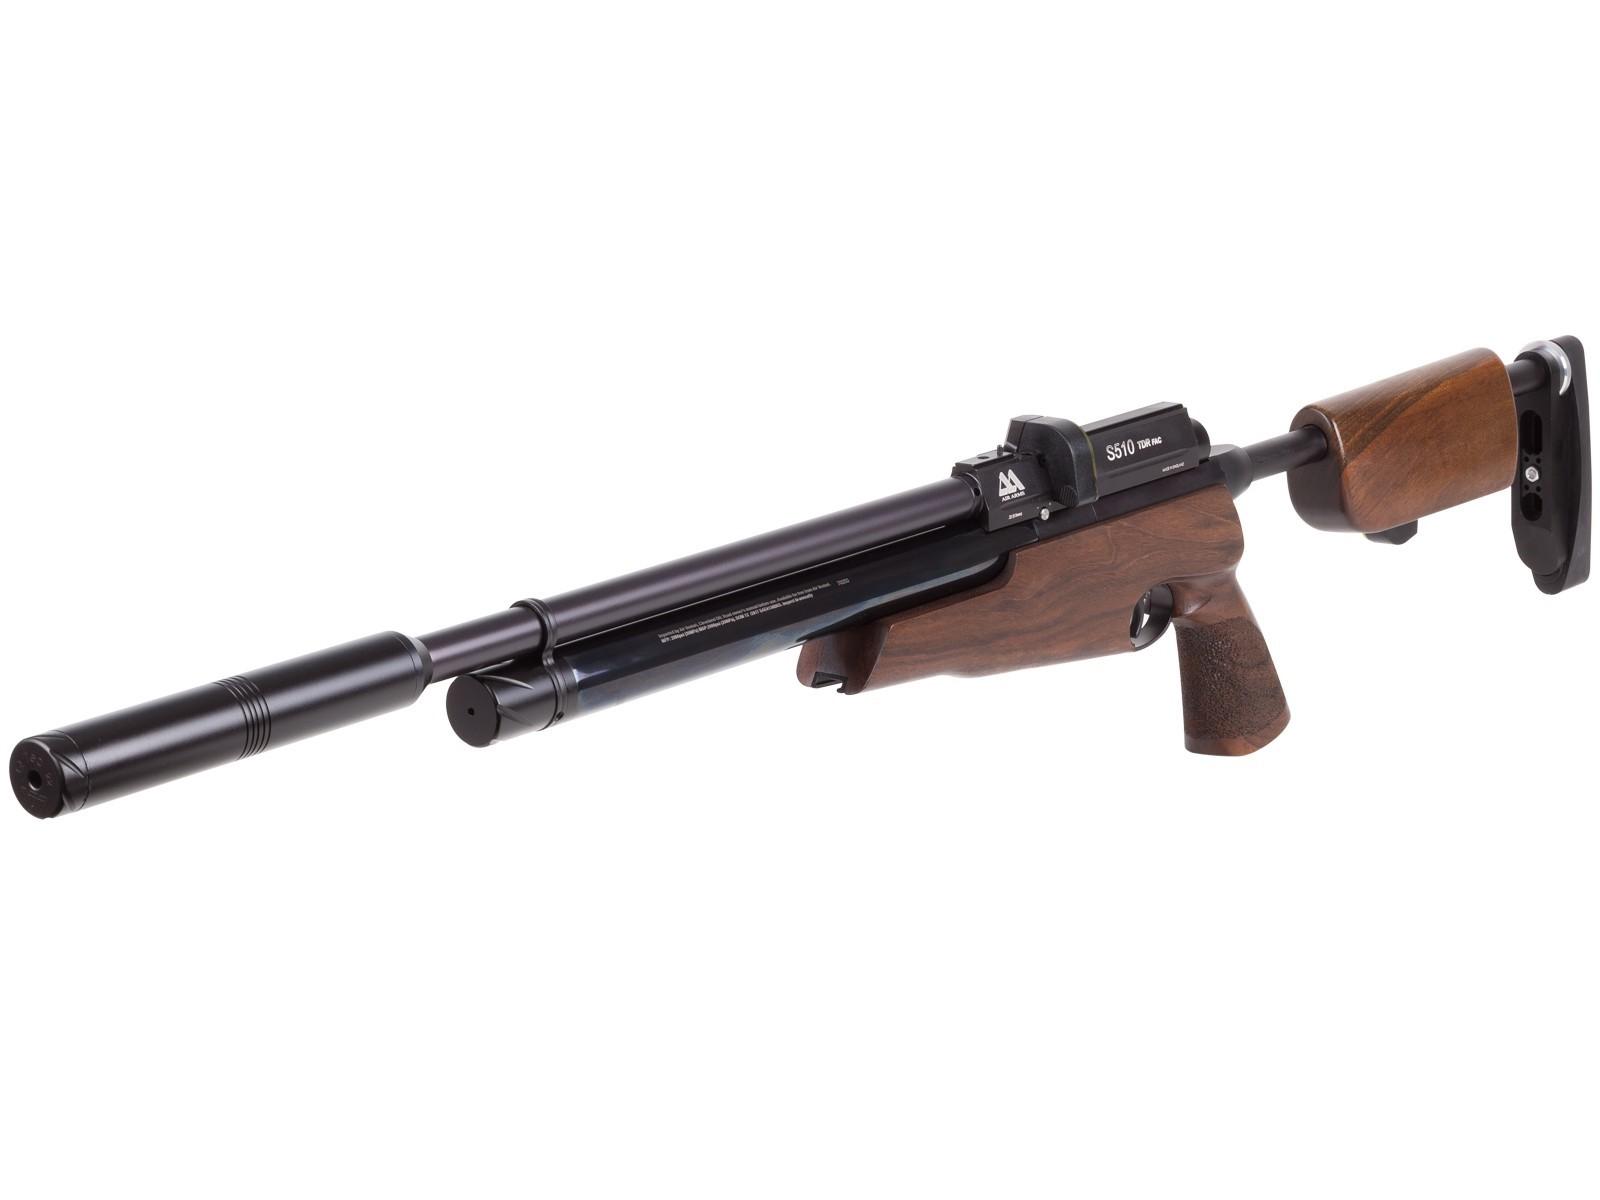 Cheap Air Arms S510 TDR PCP Air Rifle, FAC, Walnut 0.22